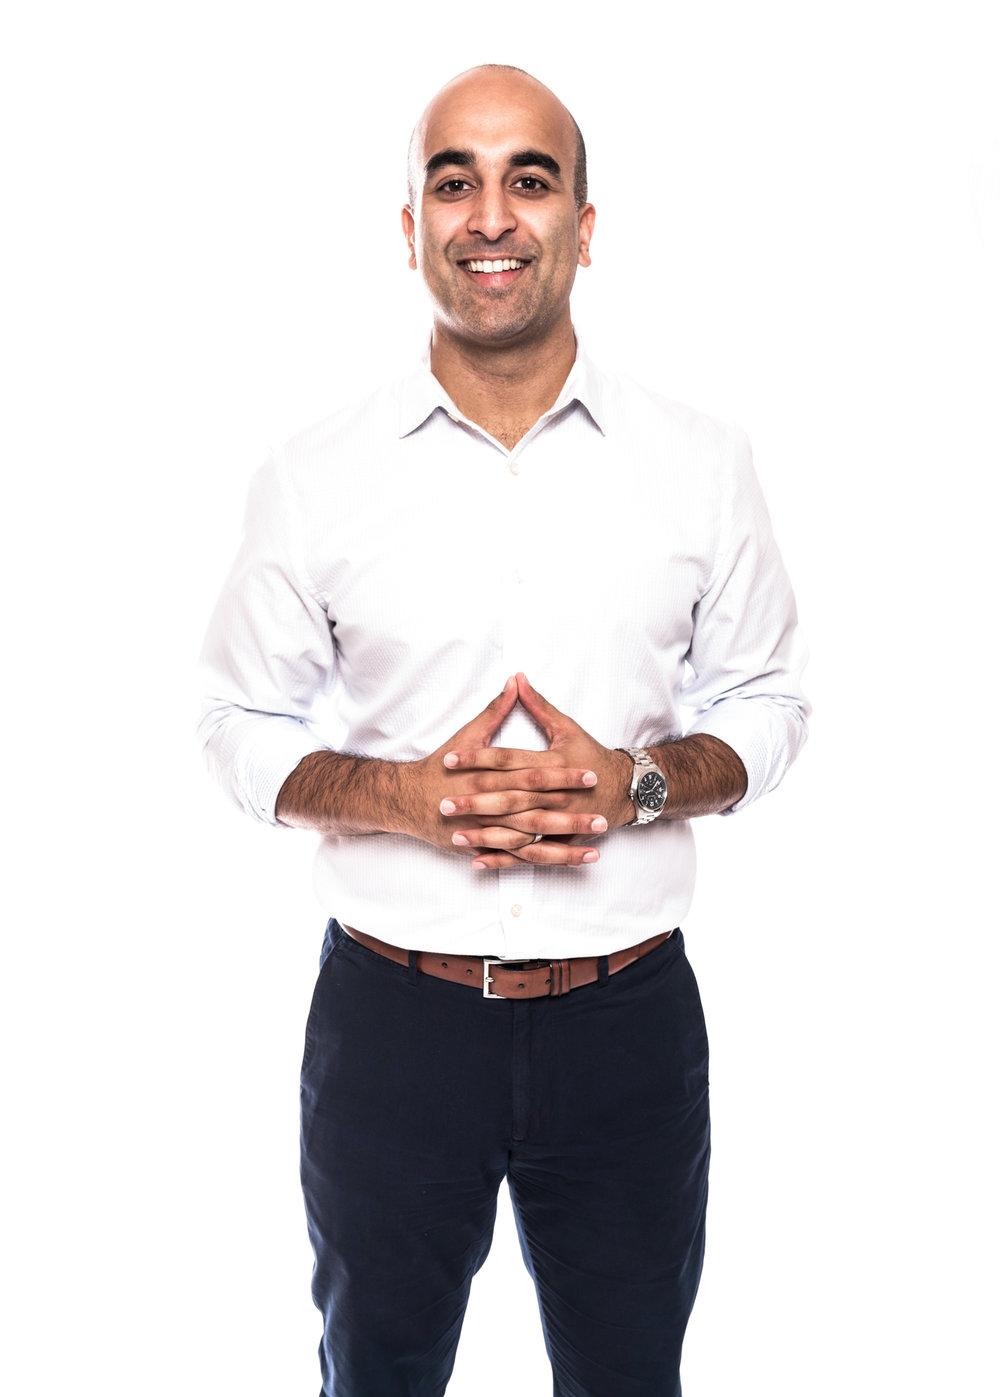 Ansaf Kareem